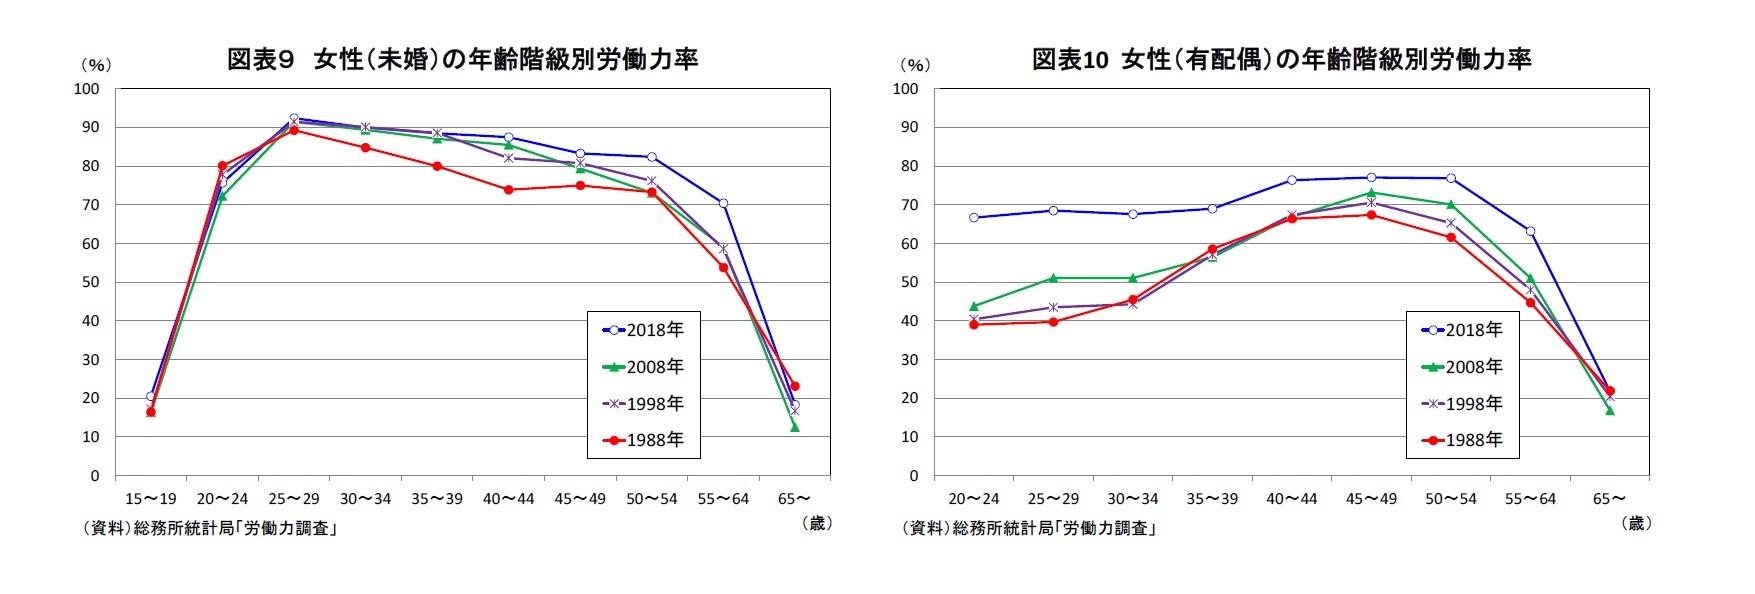 図表9 女性(未婚)の年齢階級別労働力率/図表10 女性(有配偶)の年齢階級別労働力率